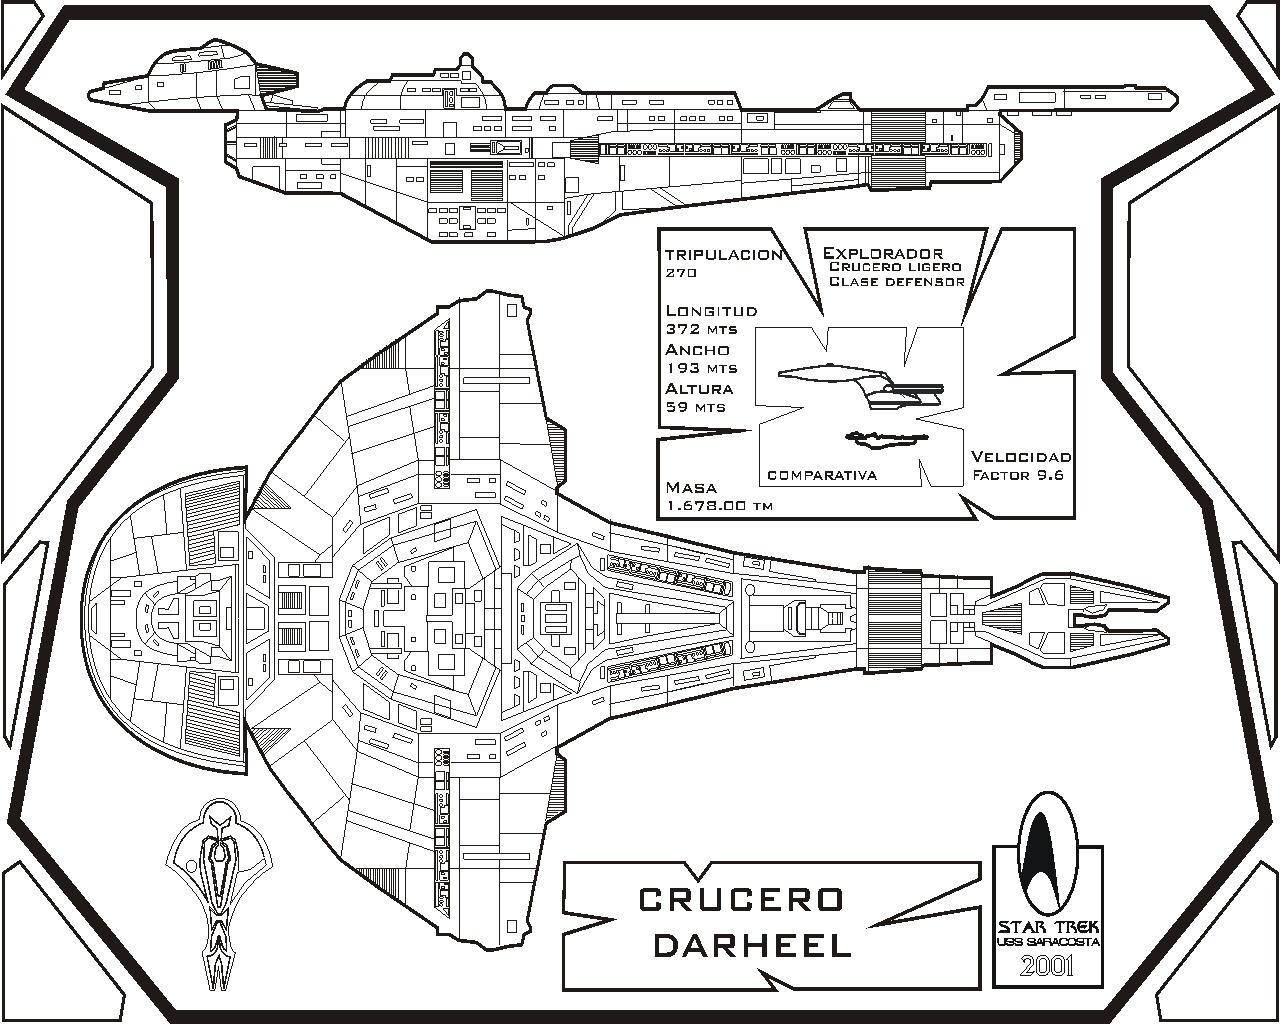 Star Trek Blueprints U S S Enterprise Ncc A Deck Plans